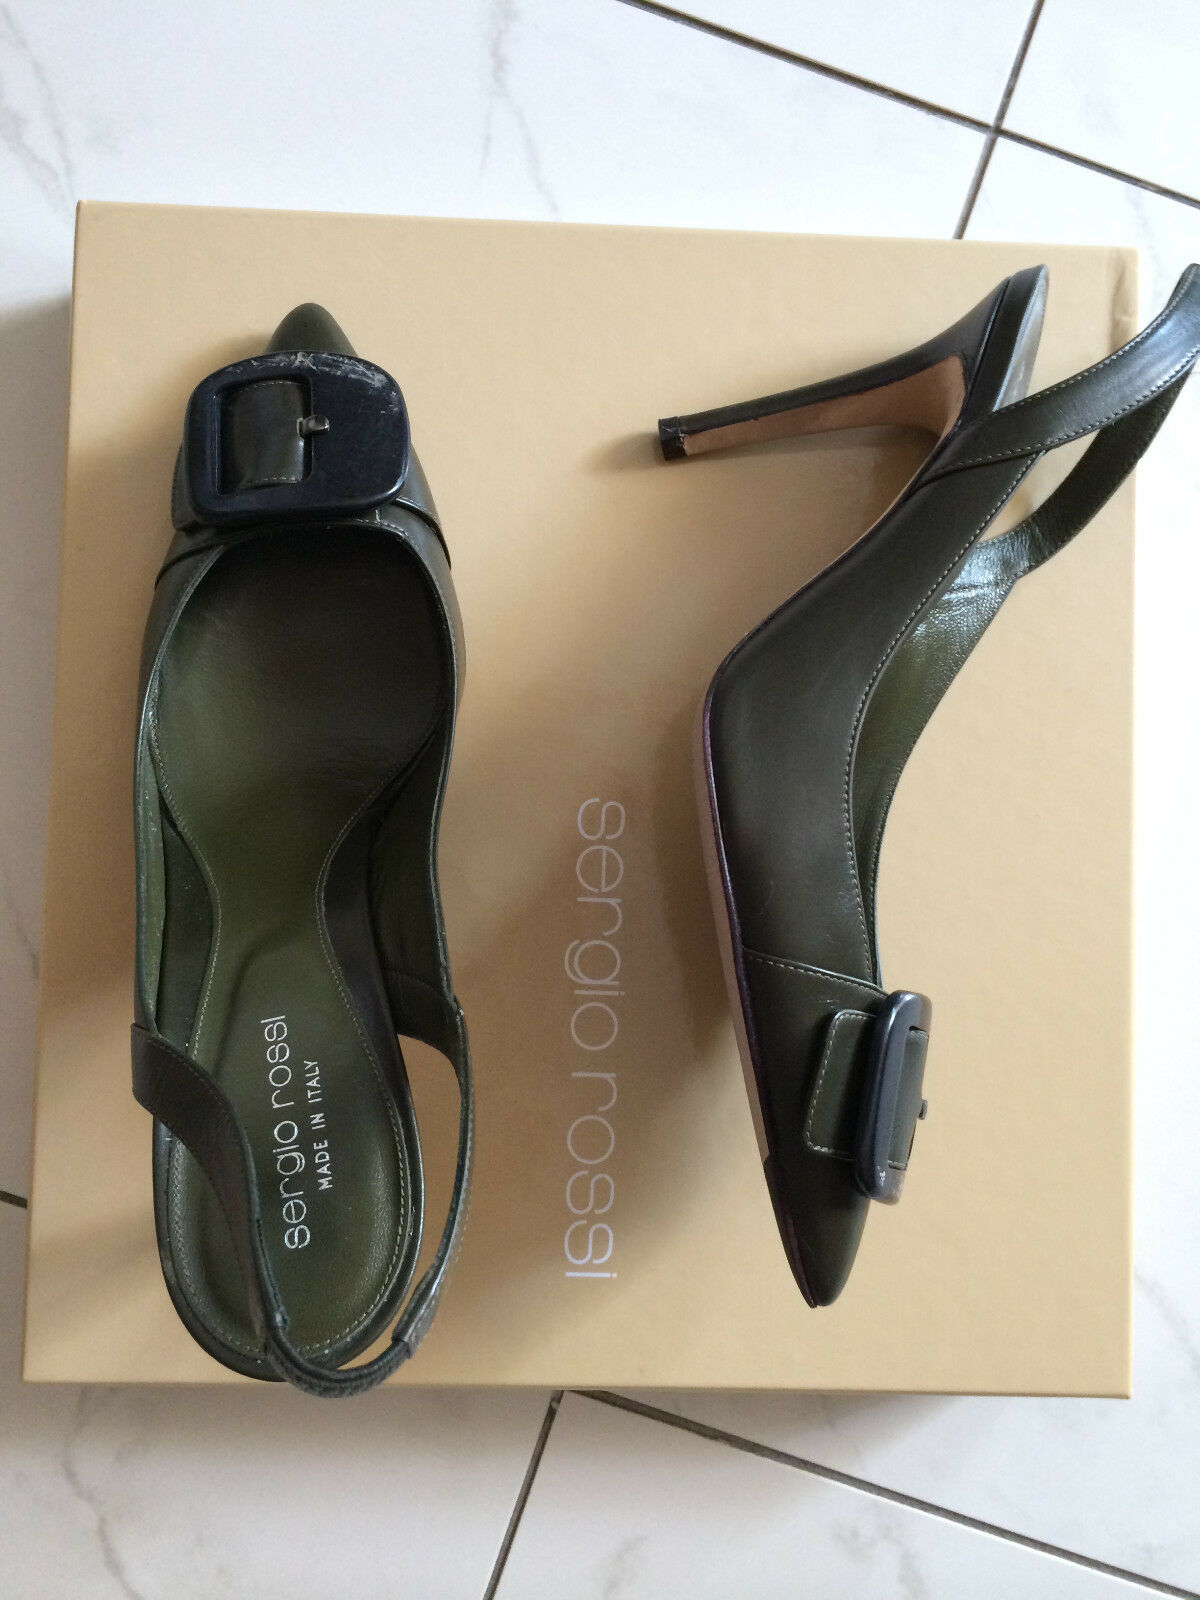 ORIGINAL PUMPS SERGIO ROSSI  LUXUS PUMPS ORIGINAL SCHUHE Schuhe GR. 39  KHAKI MADE IN ITALY 9d5b9e